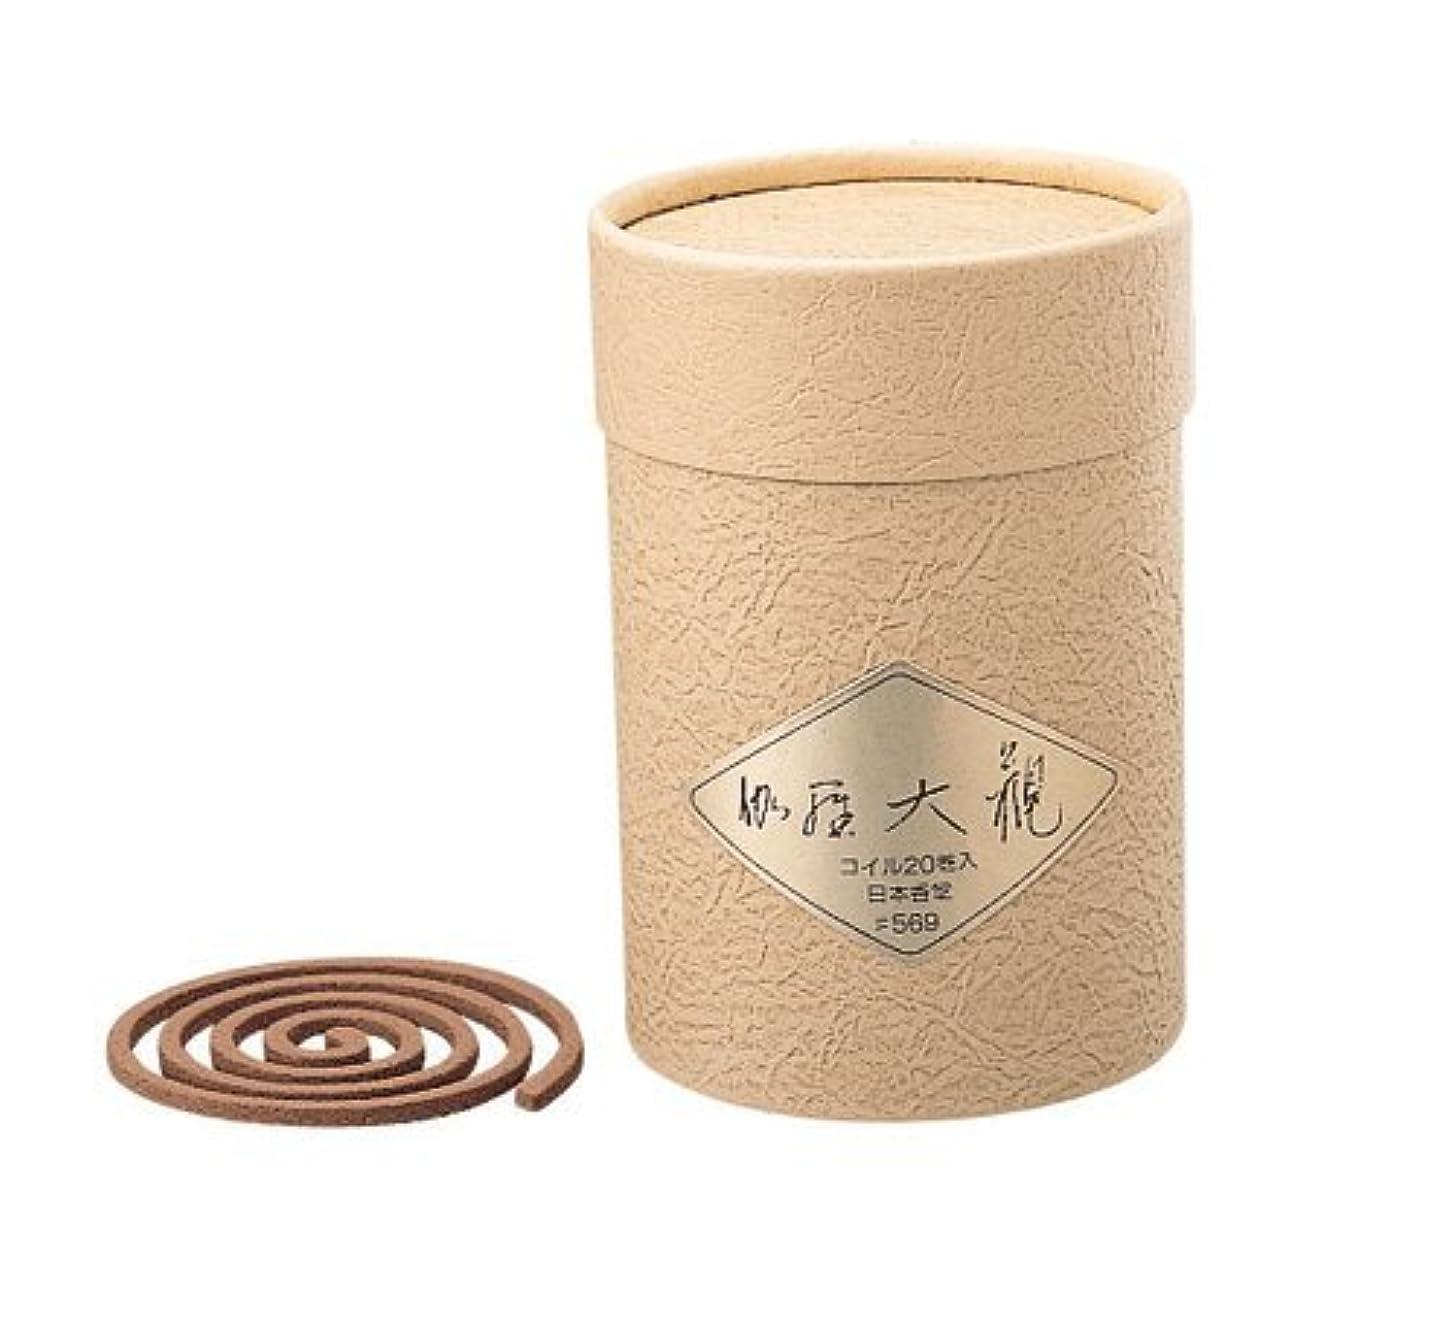 経験抵抗する厄介な香木の香りのお香 伽羅大観 コイル20巻入